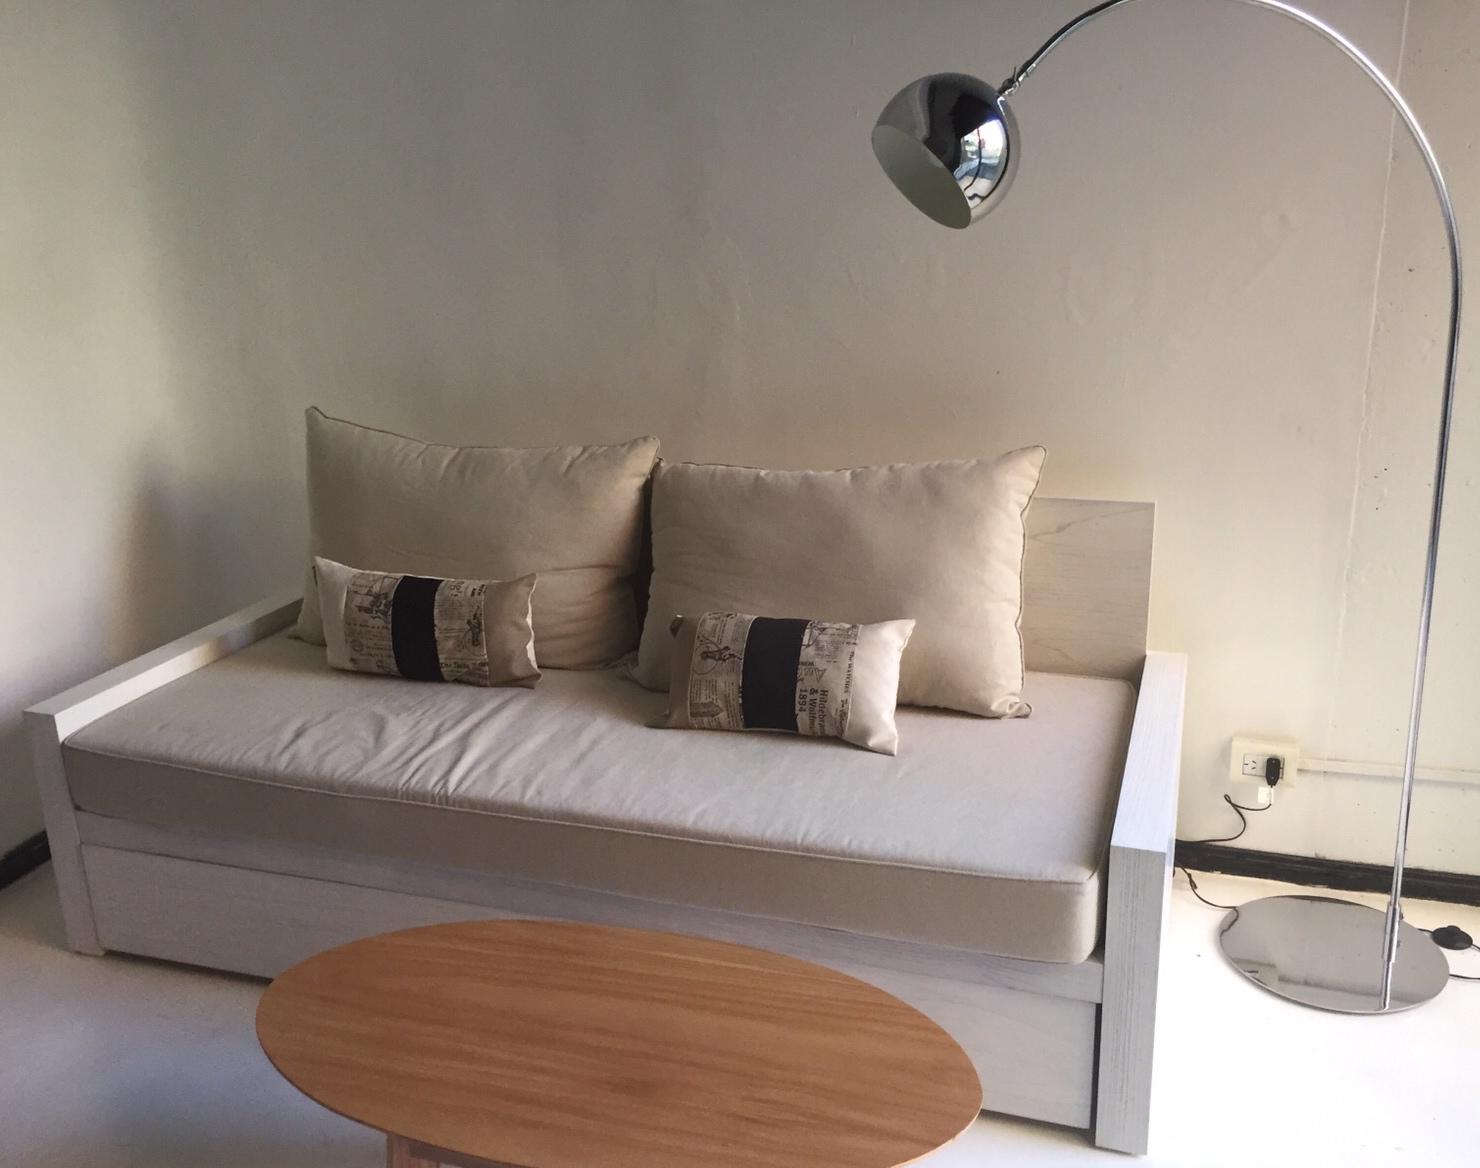 Sofa cama con estructura de madera for Estructura sofa cama